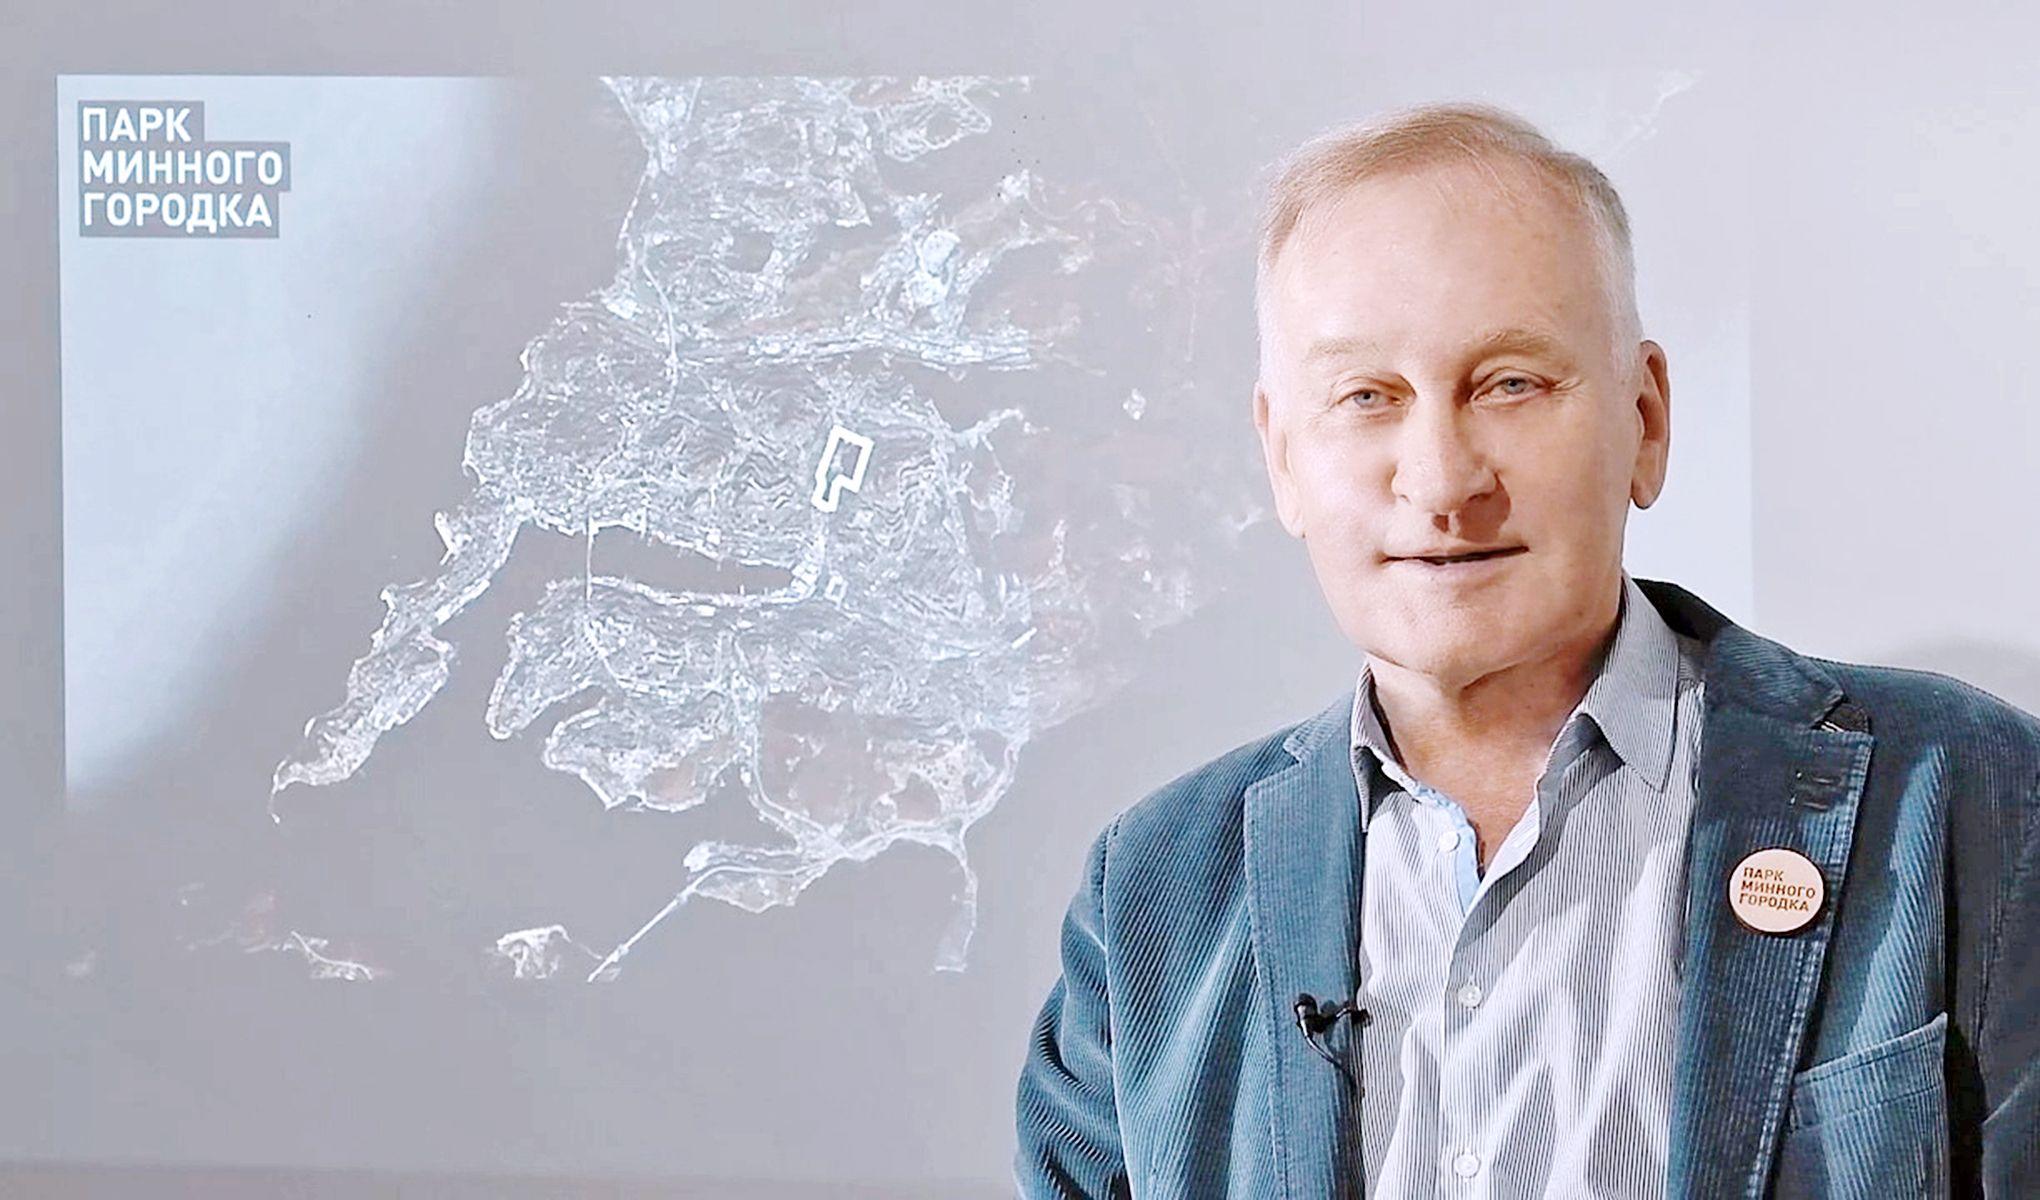 Люди и парк: Геннадий Лазарев, президент ВГУЭС о новом городском проекте